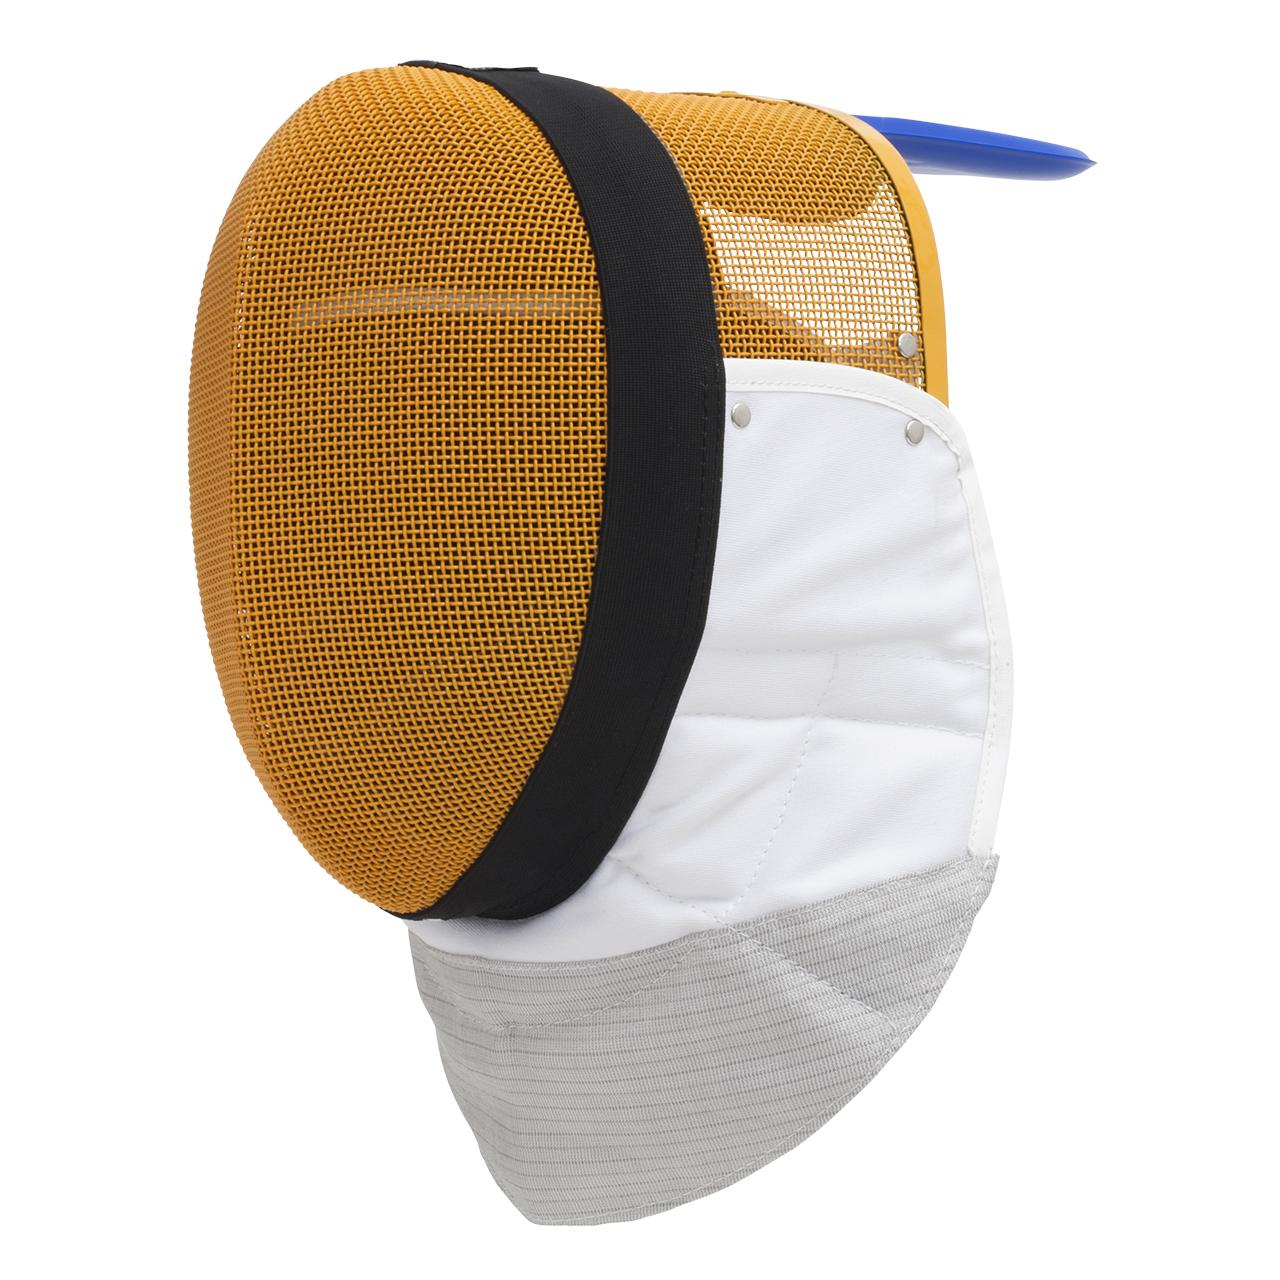 FIE Vario-Maske 1600N, mit abnehmbarem leitenden Latz, coloriert